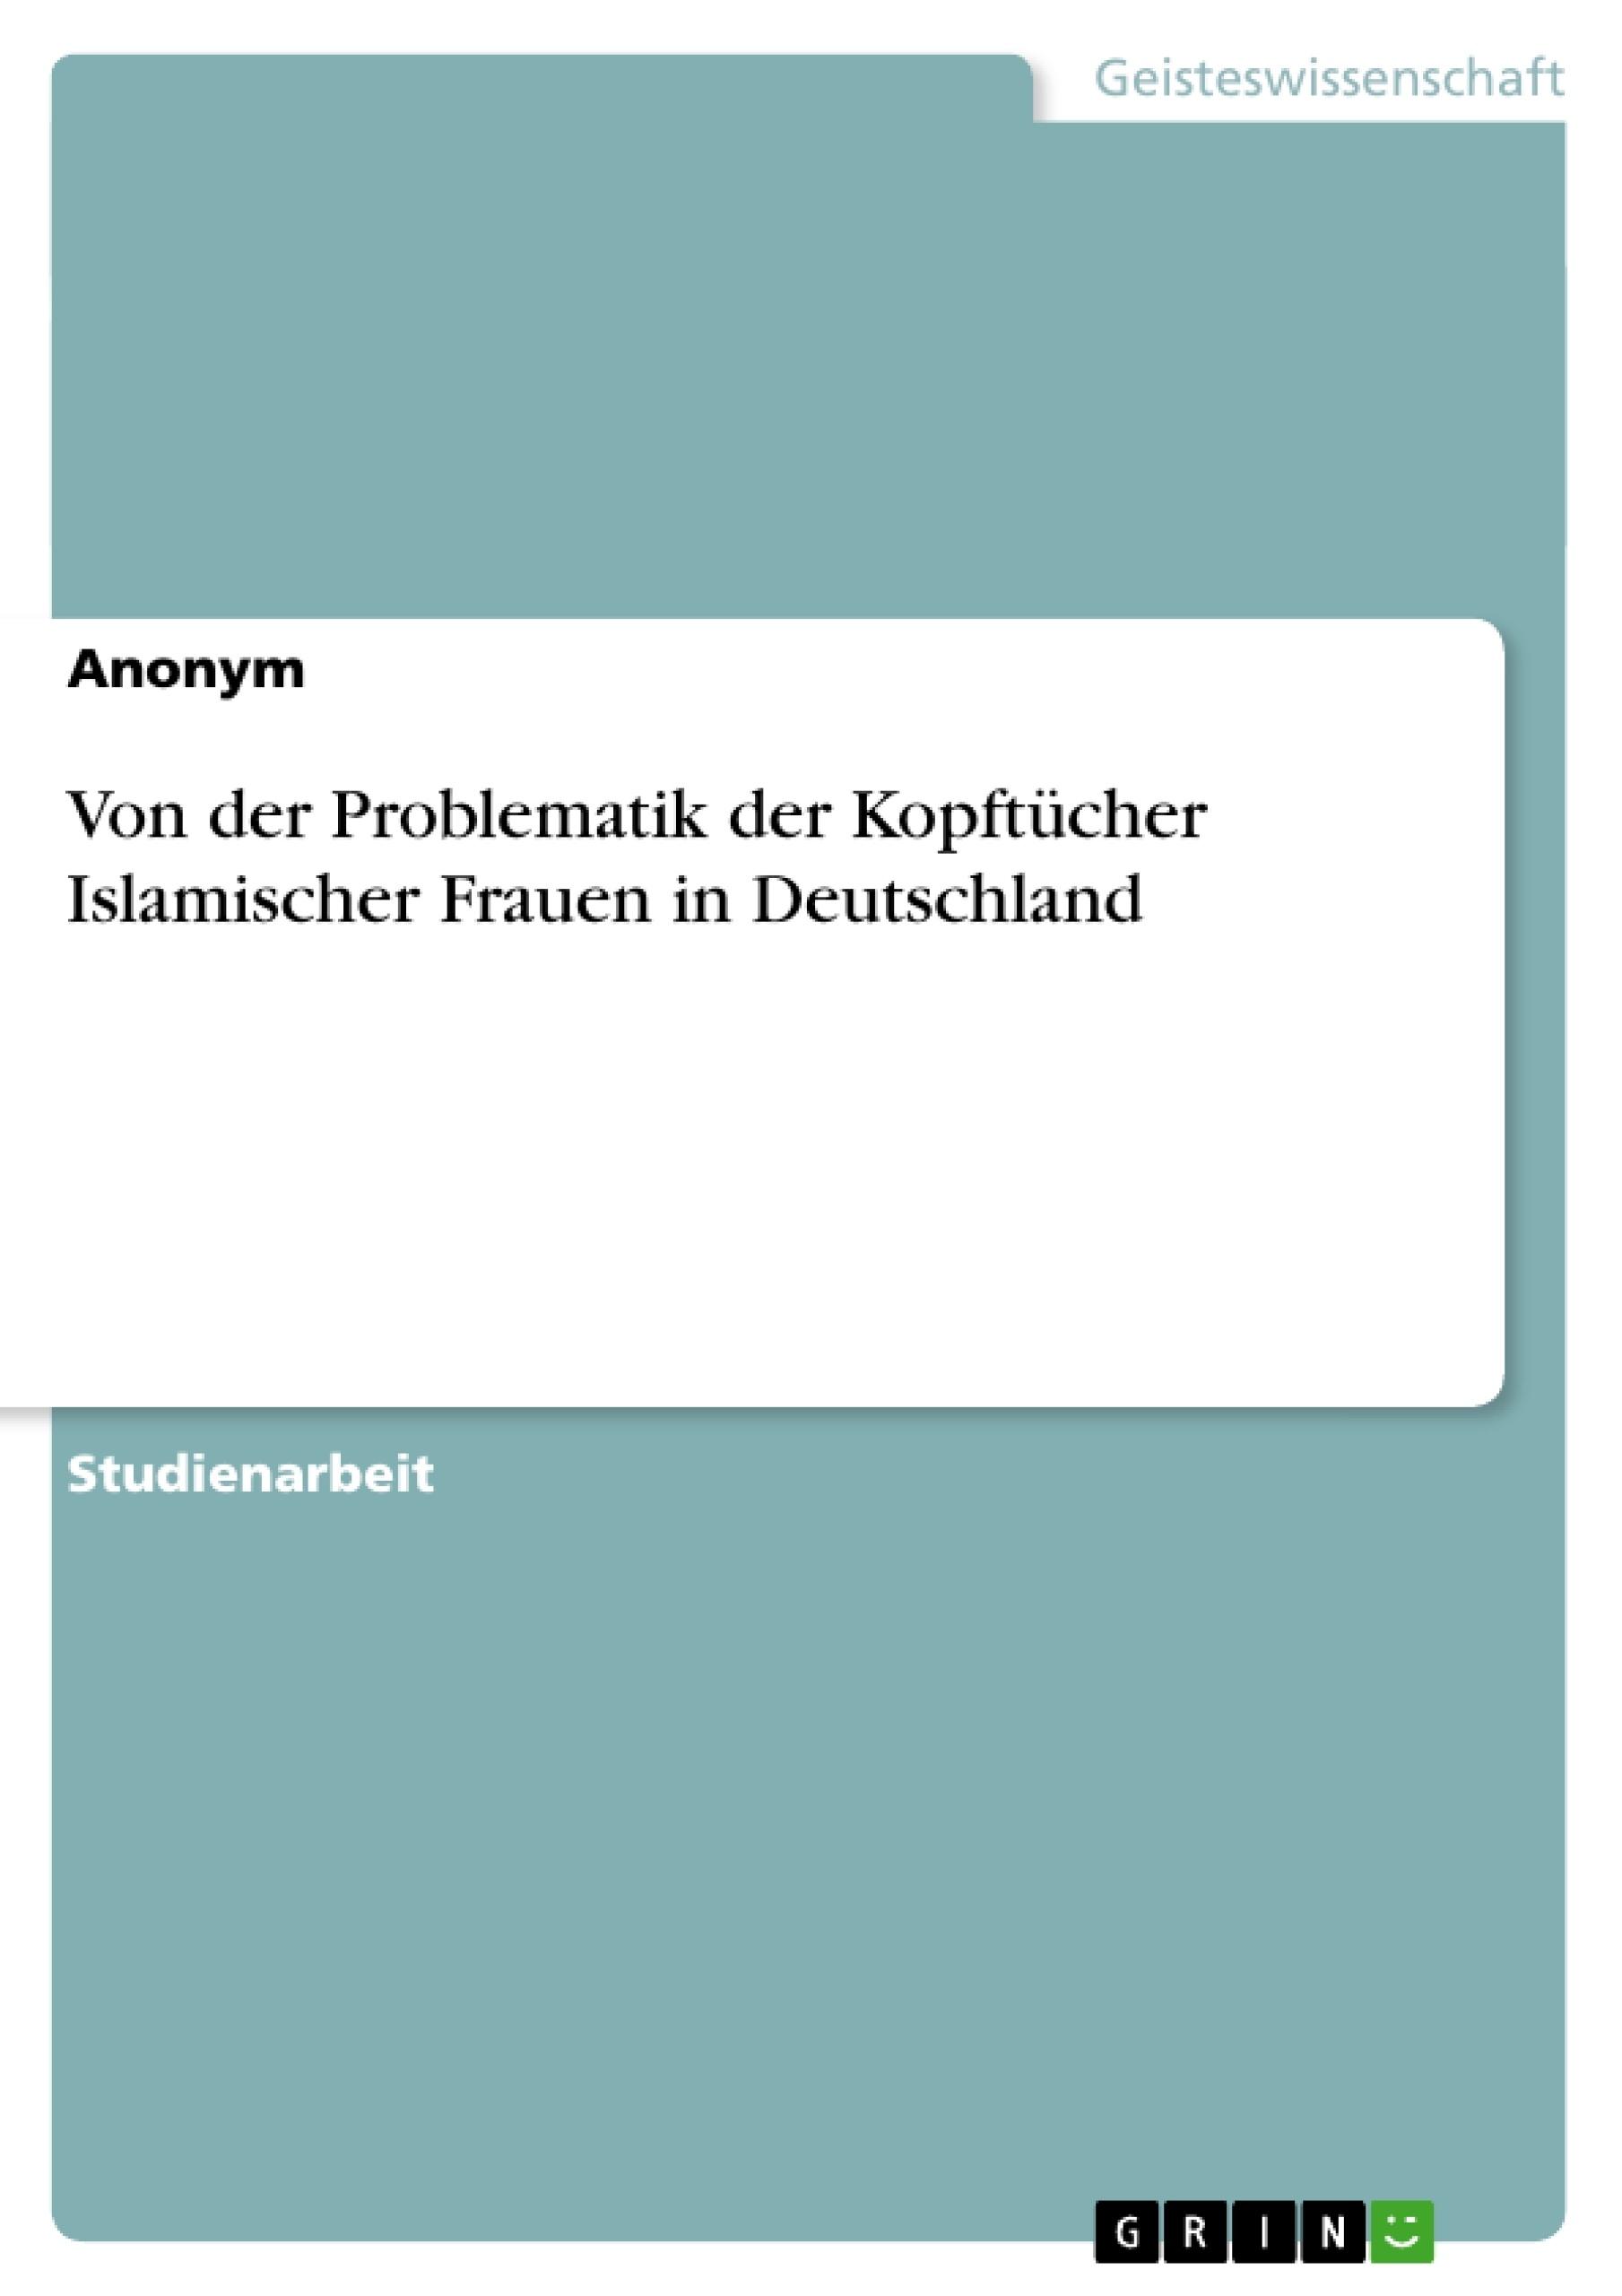 Titel: Von der Problematik der Kopftücher Islamischer Frauen in Deutschland